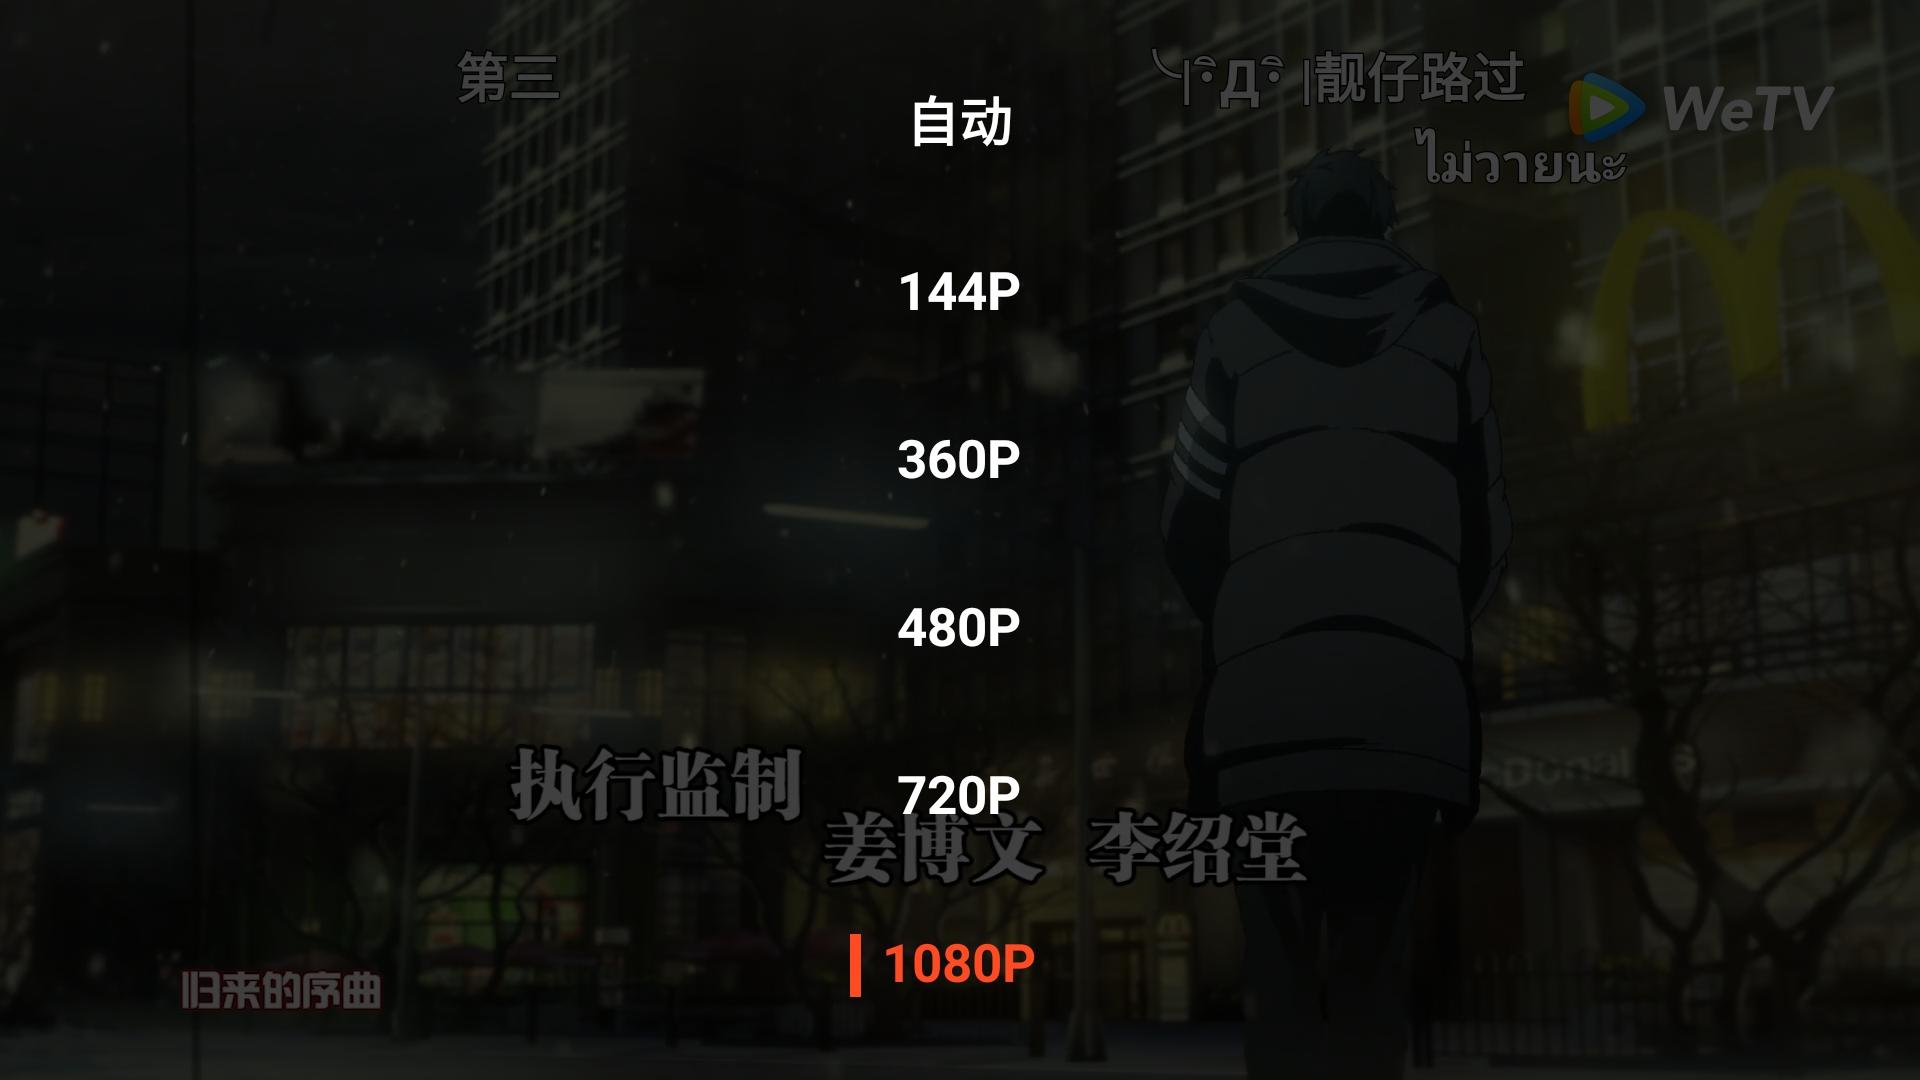 腾讯视频国际版免会员无广告支持1080p